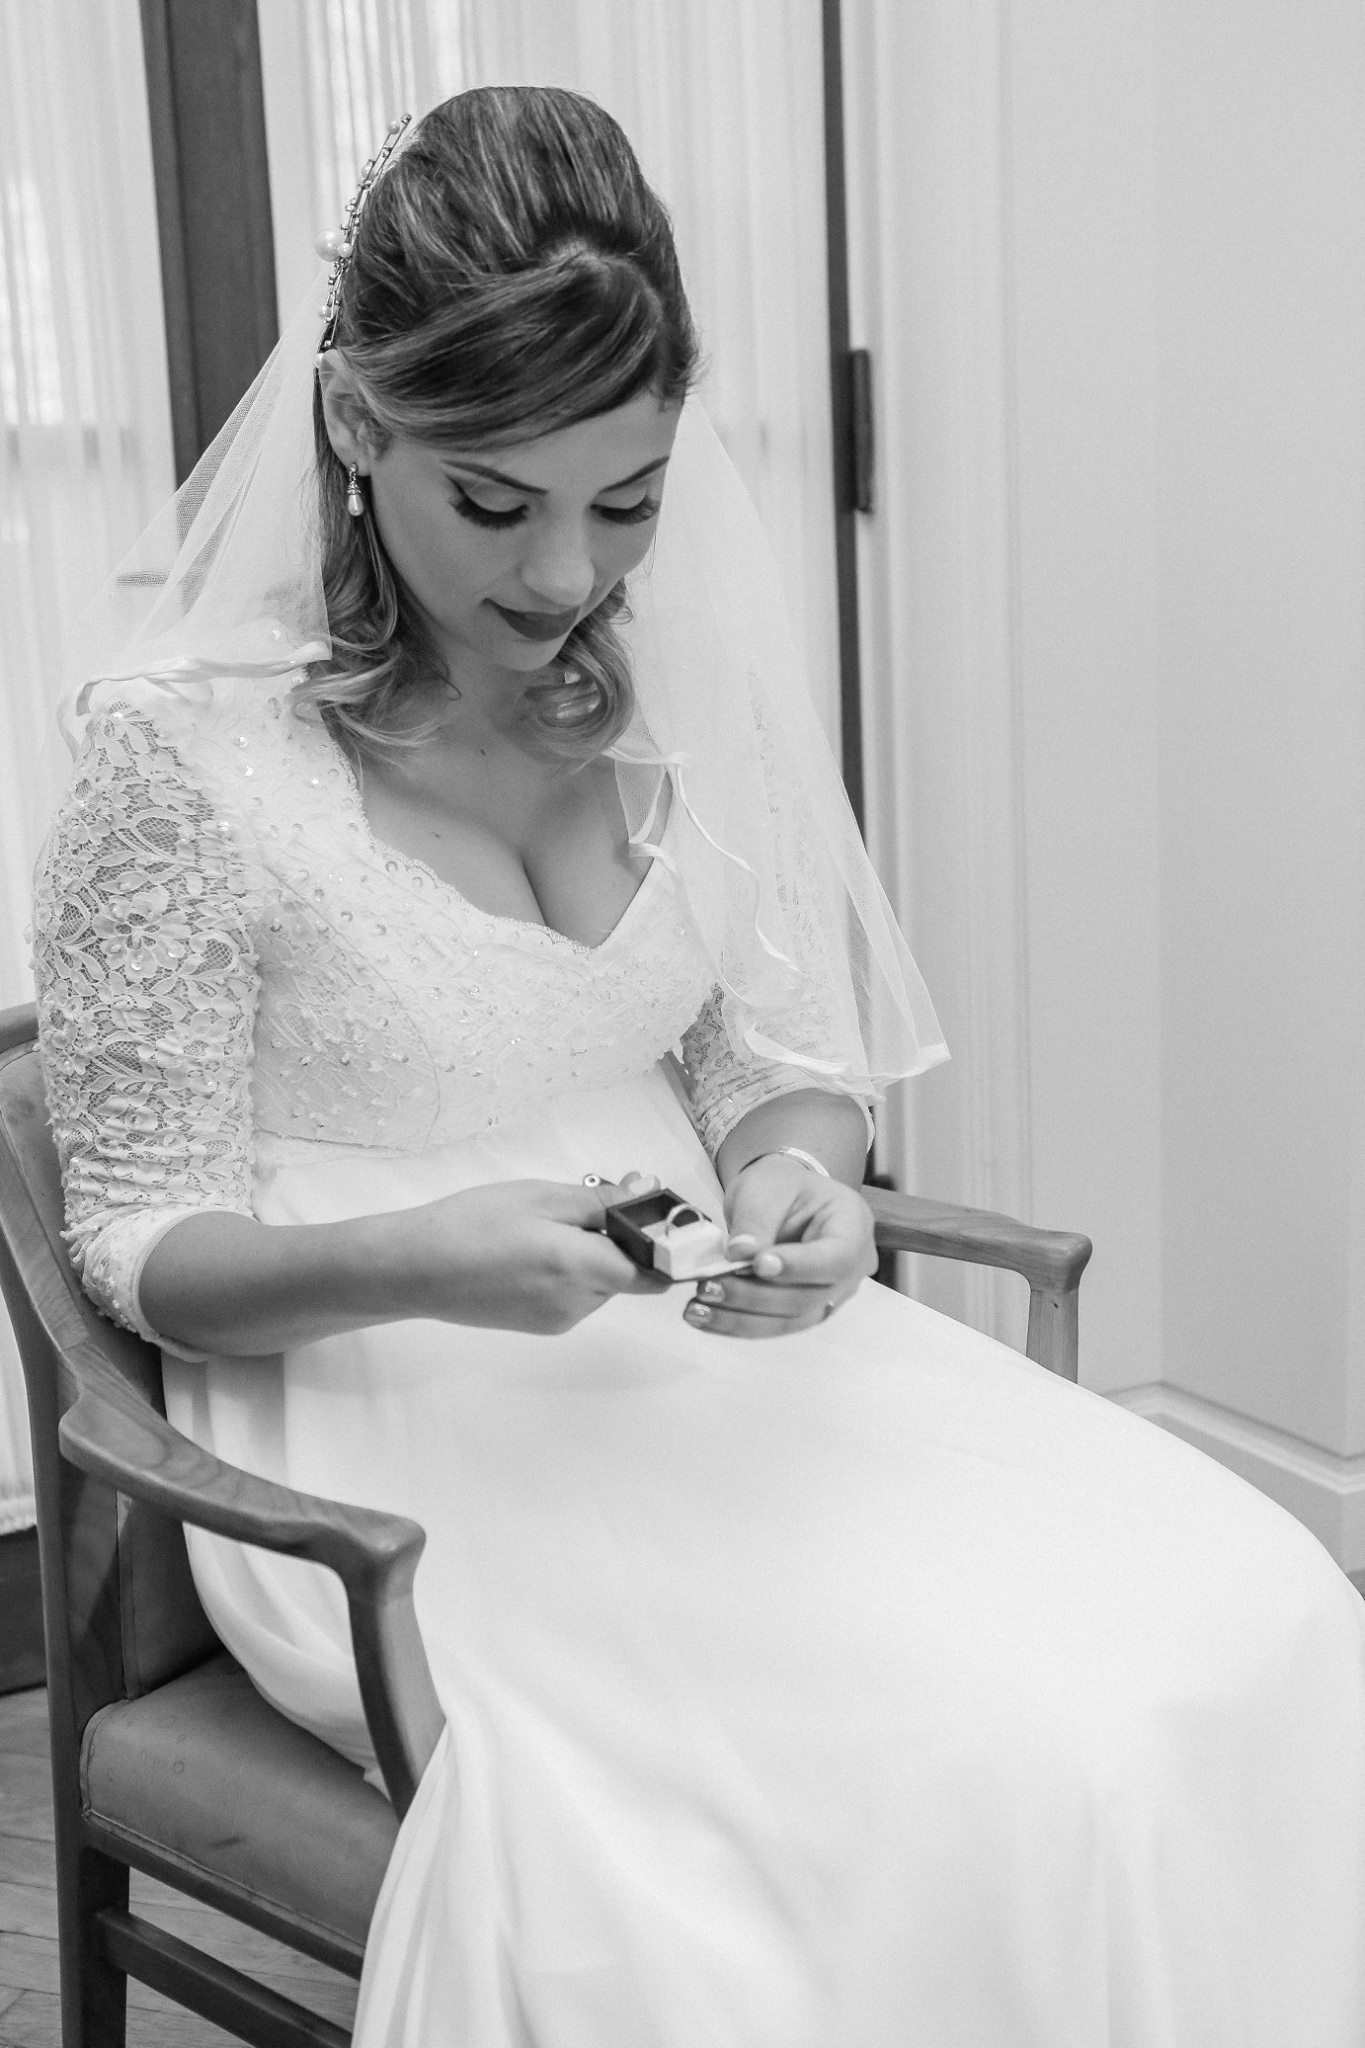 copenhagen-wedding-photograoher10